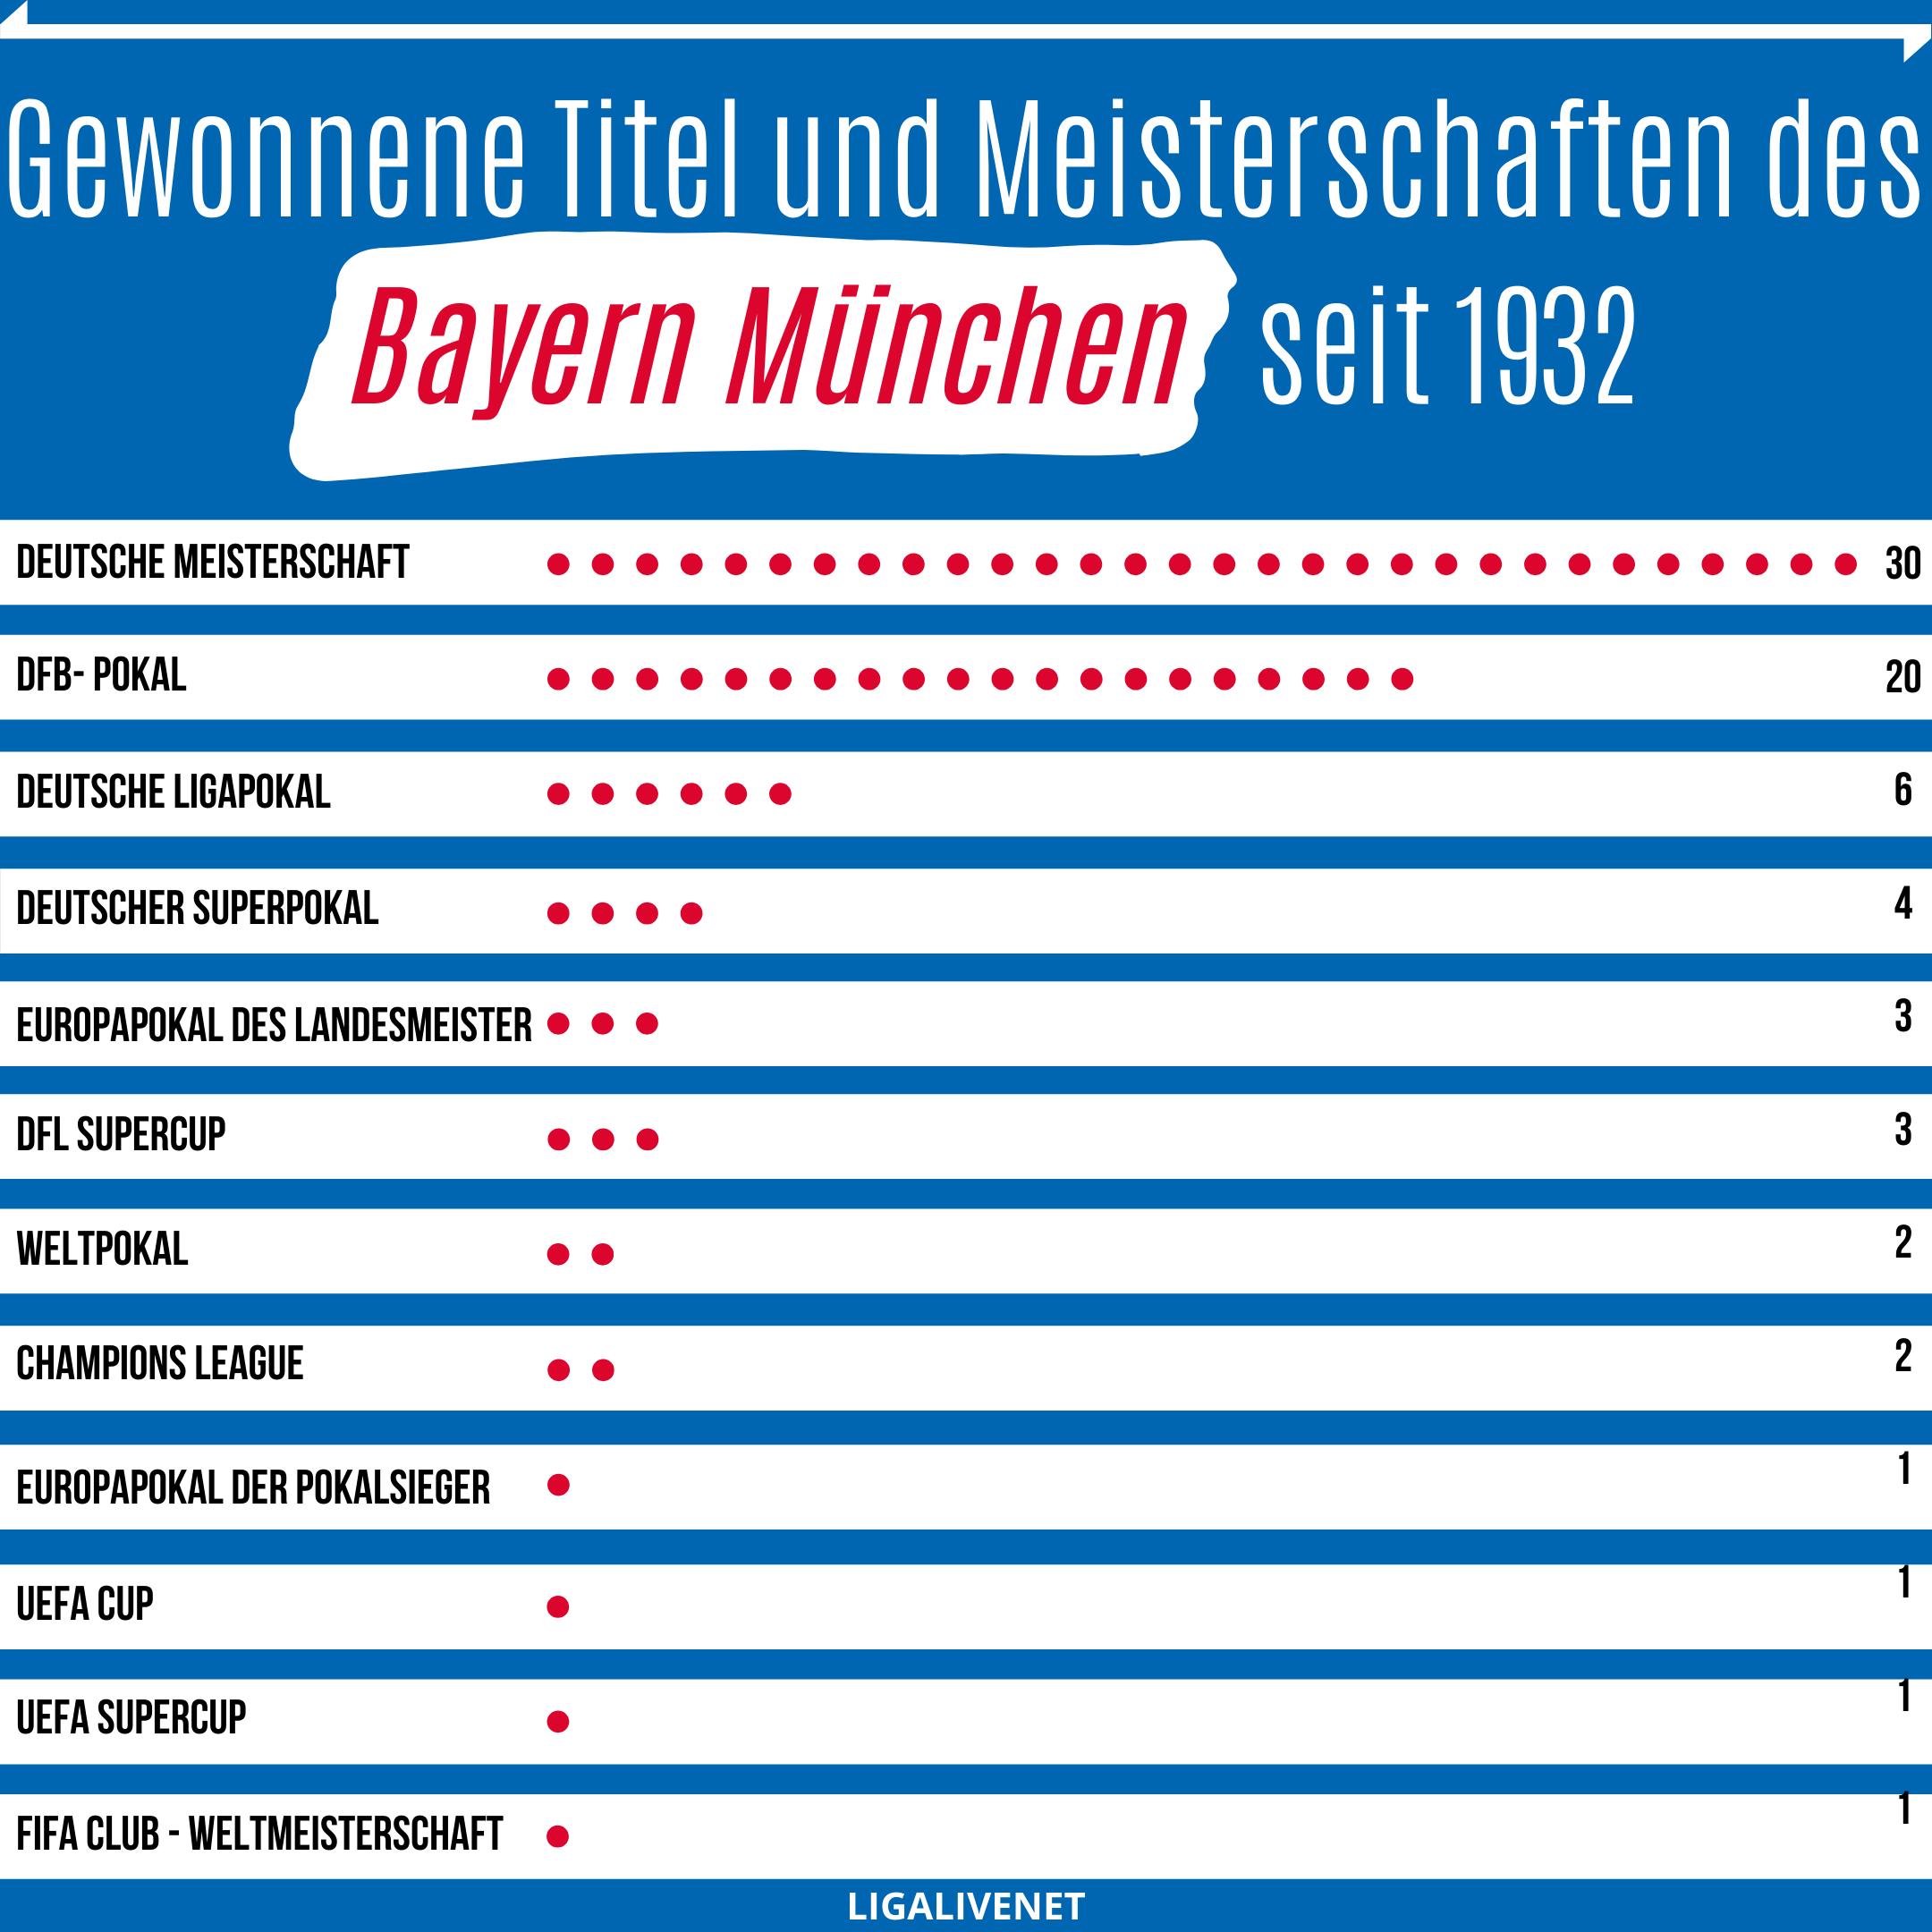 Alle gewonneneTitel und Meisterschaften des Bayern München seit 1932